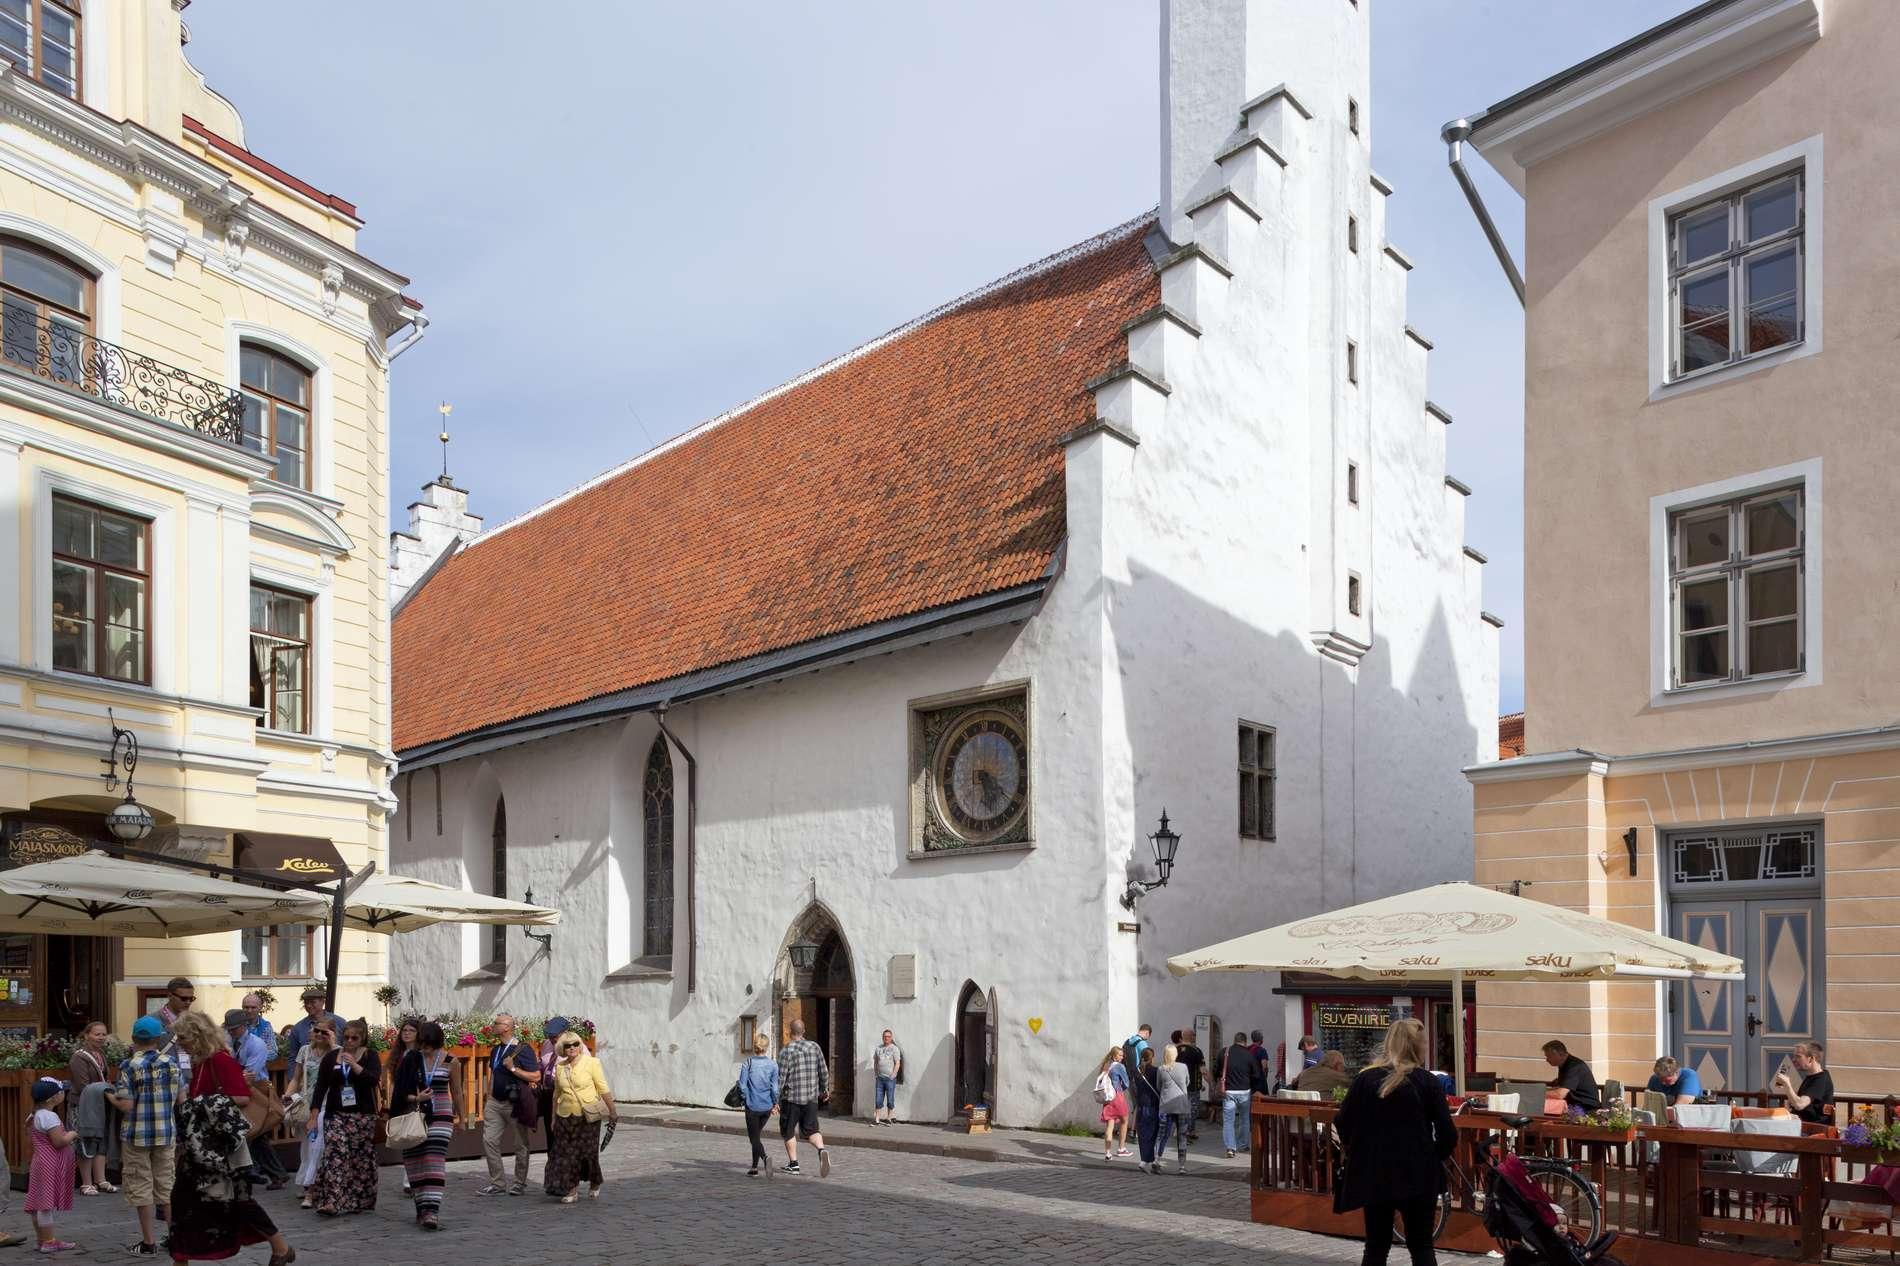 Näkymä Pyhän Hengen kirkolle Tallinnassa Virossa. Kuva: Paul Kuimet